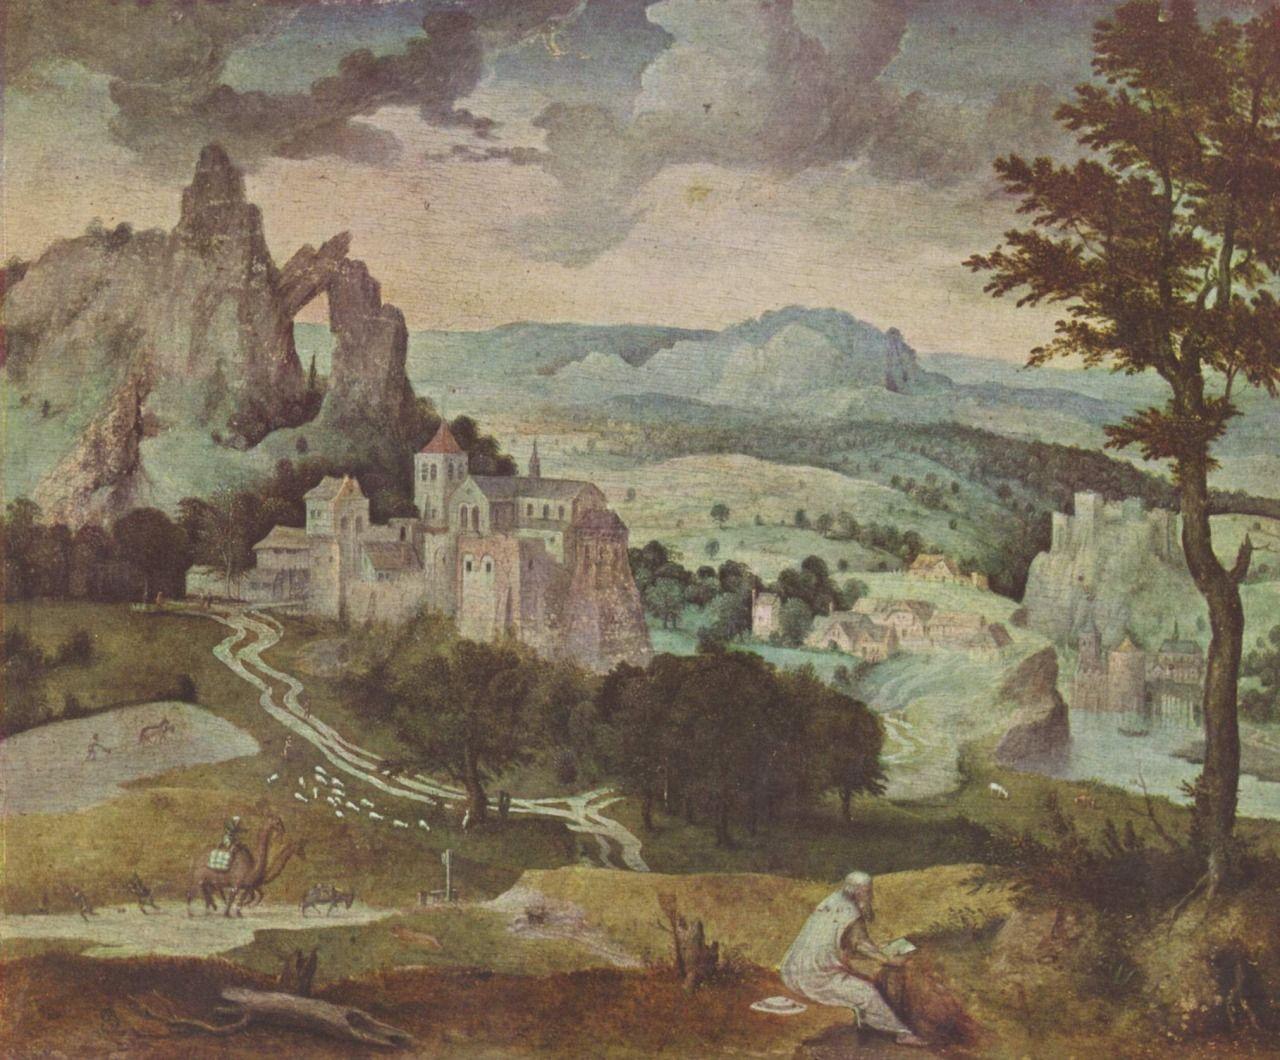 Landschaftsmalerei renaissance  Cornelis Massys. (ca. 1500-1556/57) Hl. Hieronymus in einer ...